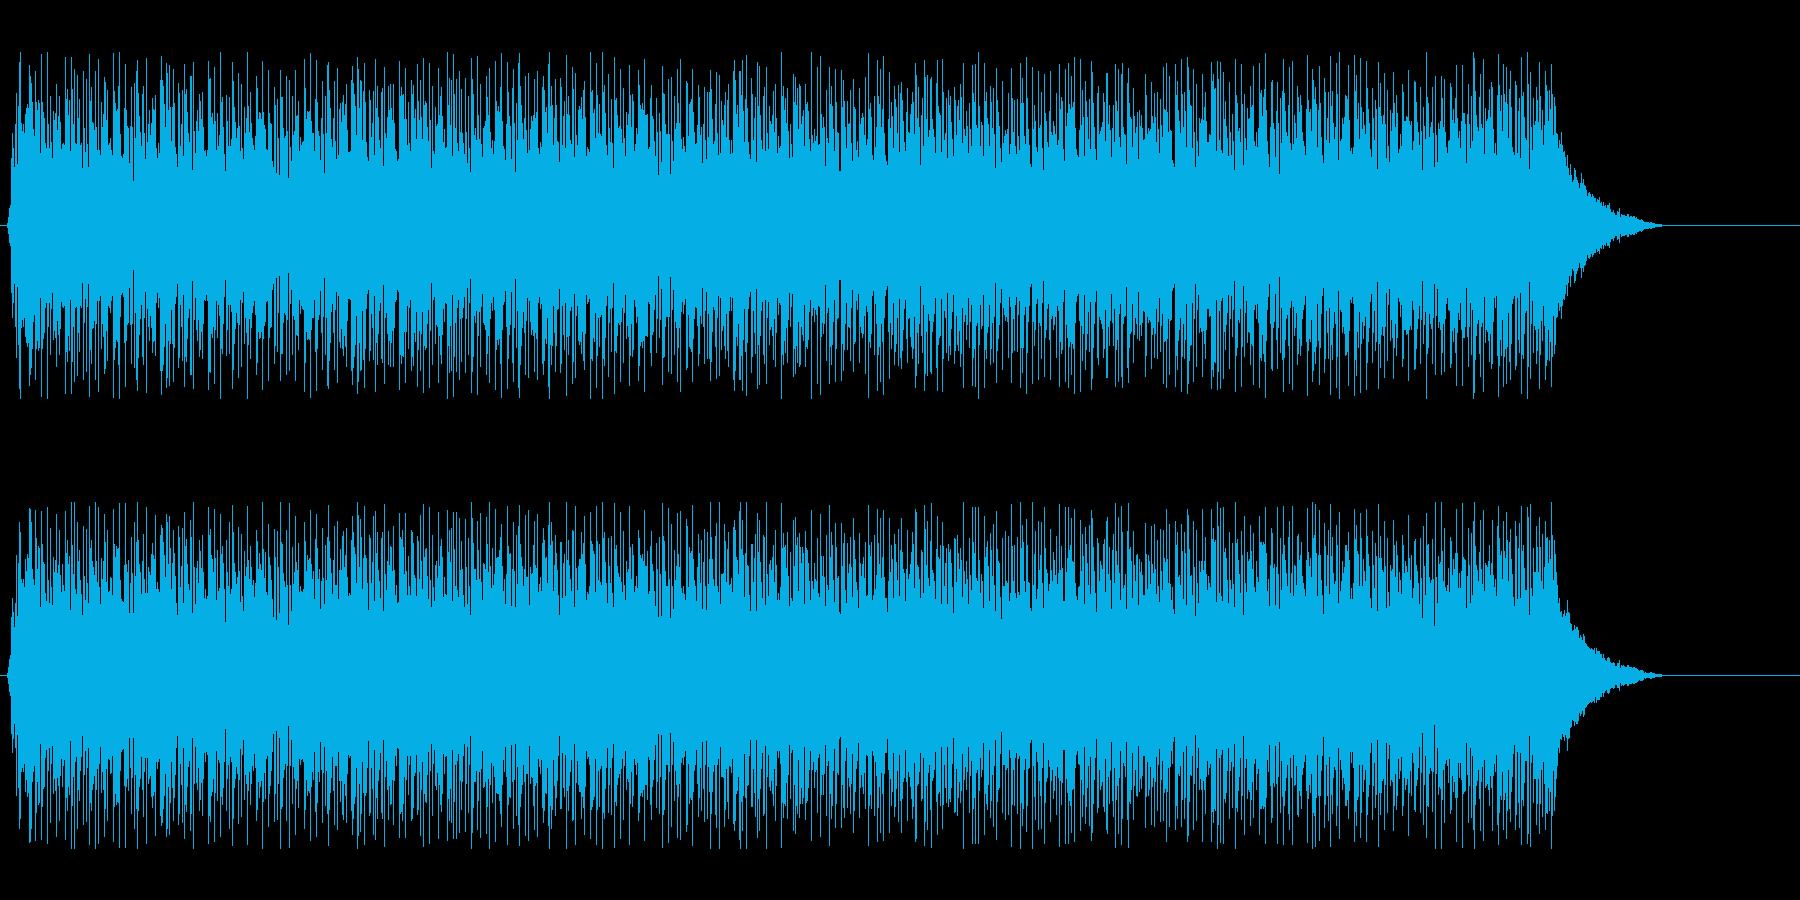 慌ただしい スリル スピード 報道 機械の再生済みの波形